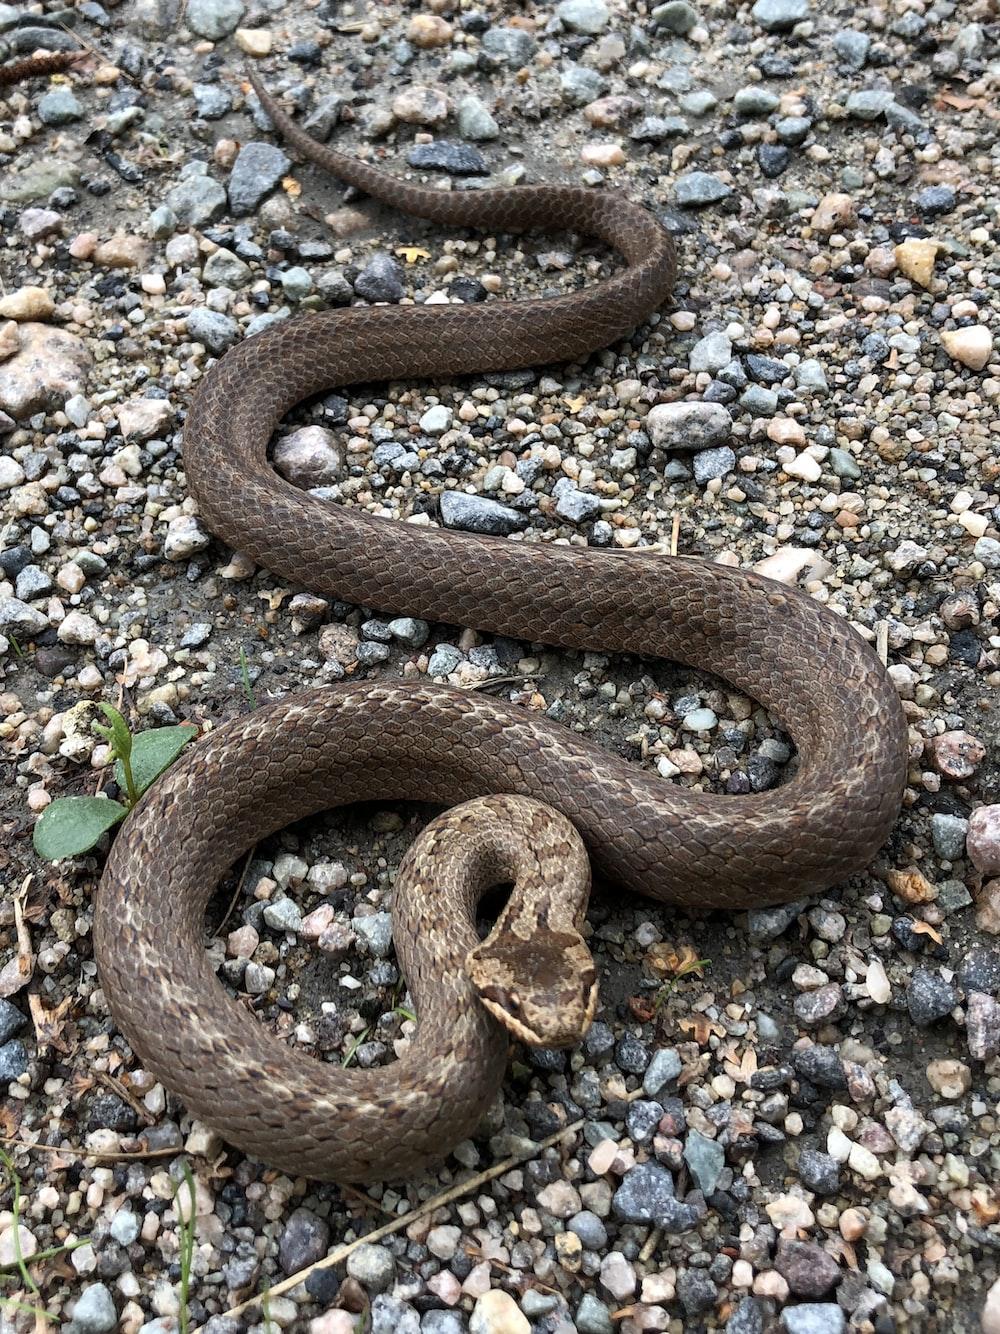 gray snake n gravel